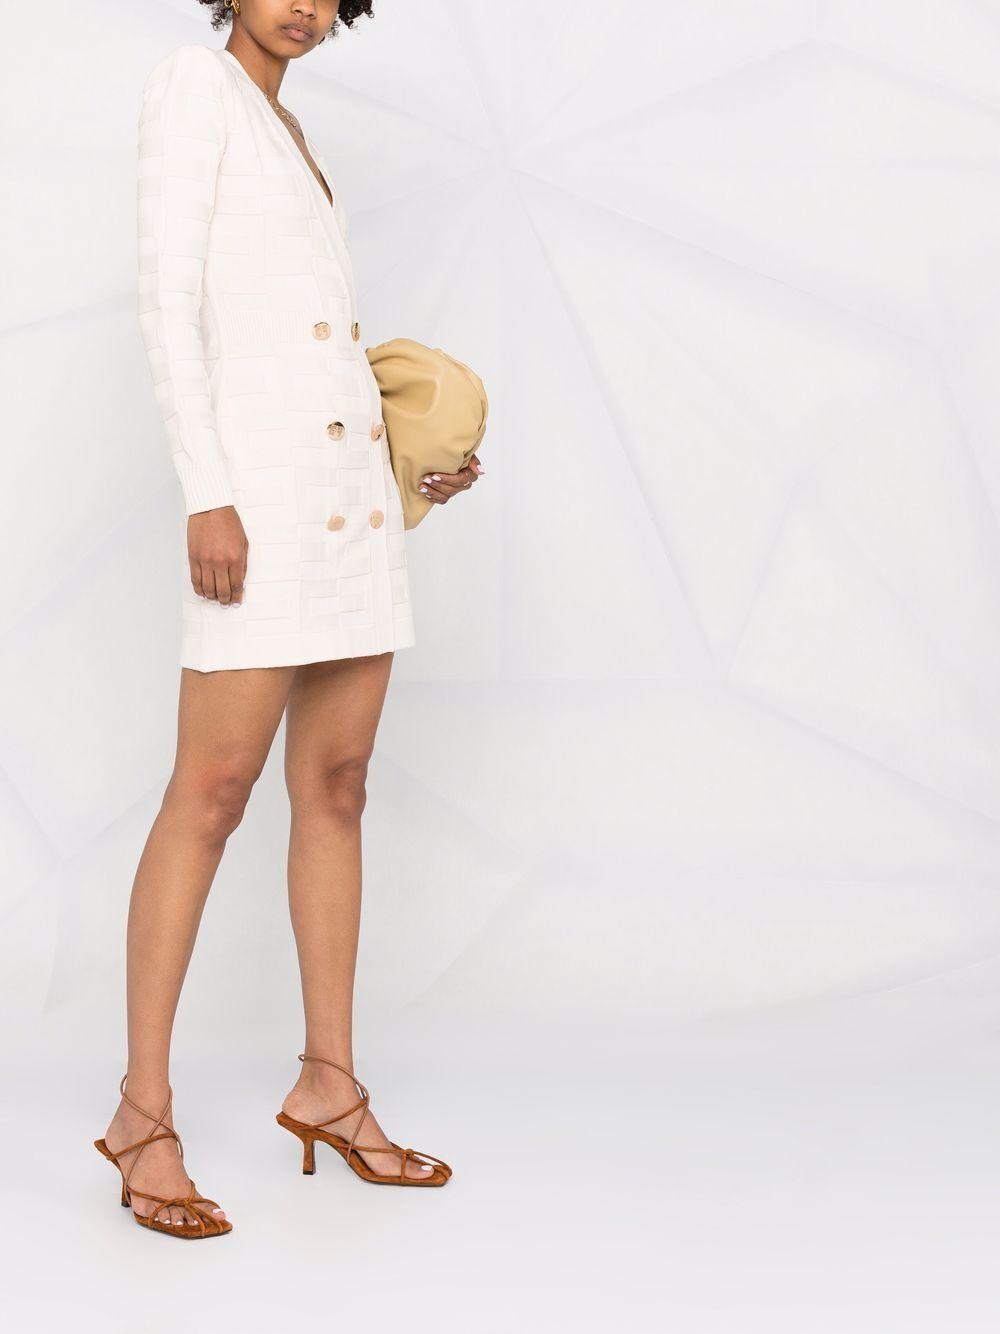 Abito corto donna burro con bottoni in oro Elisabetta Franchi | AM23S16E2193